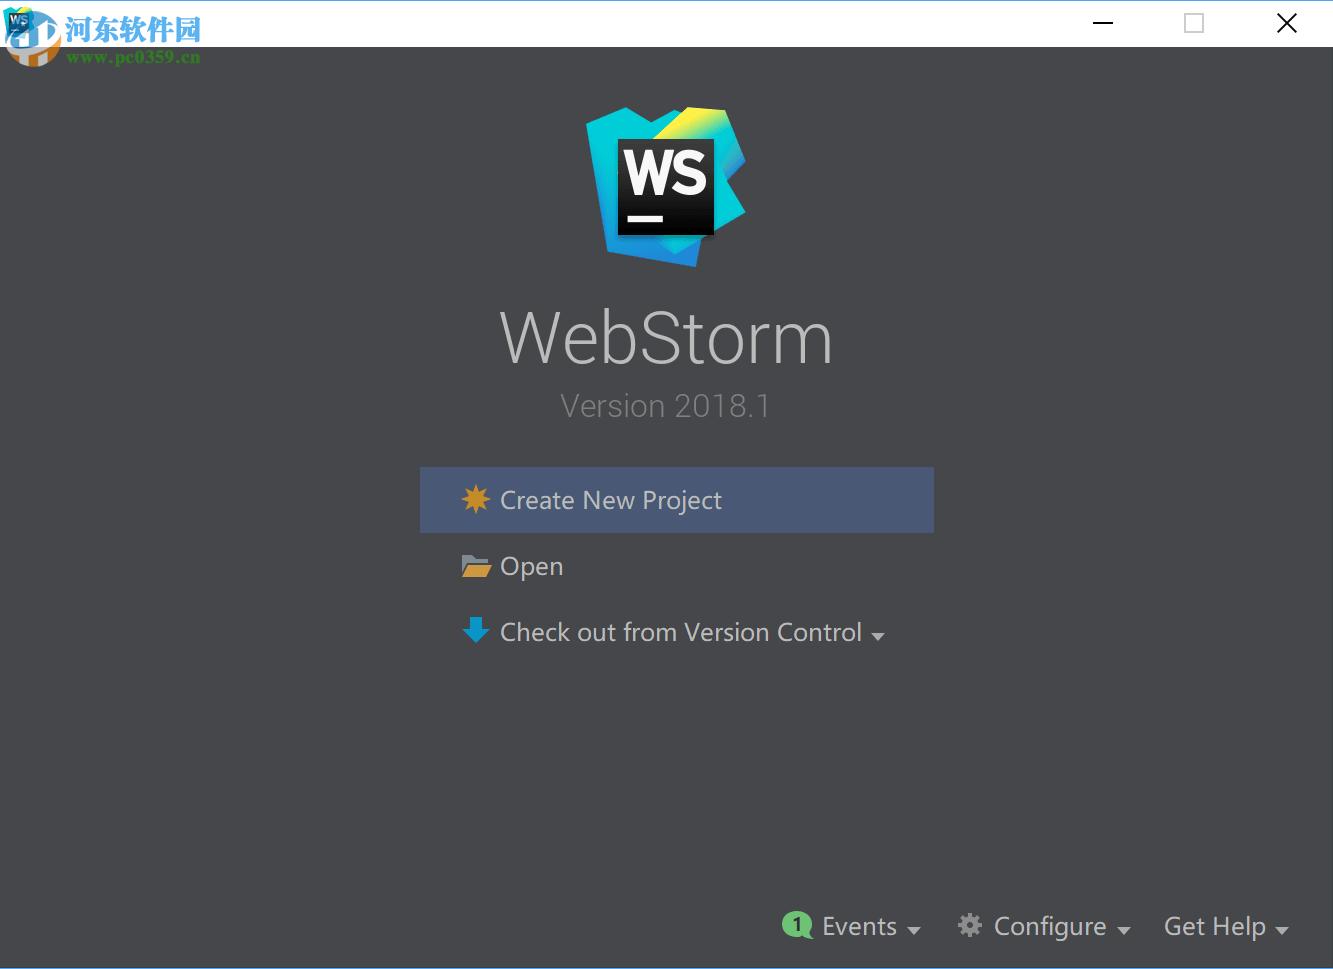 webstorm 2018注册码和破解激活补丁 附安装教程